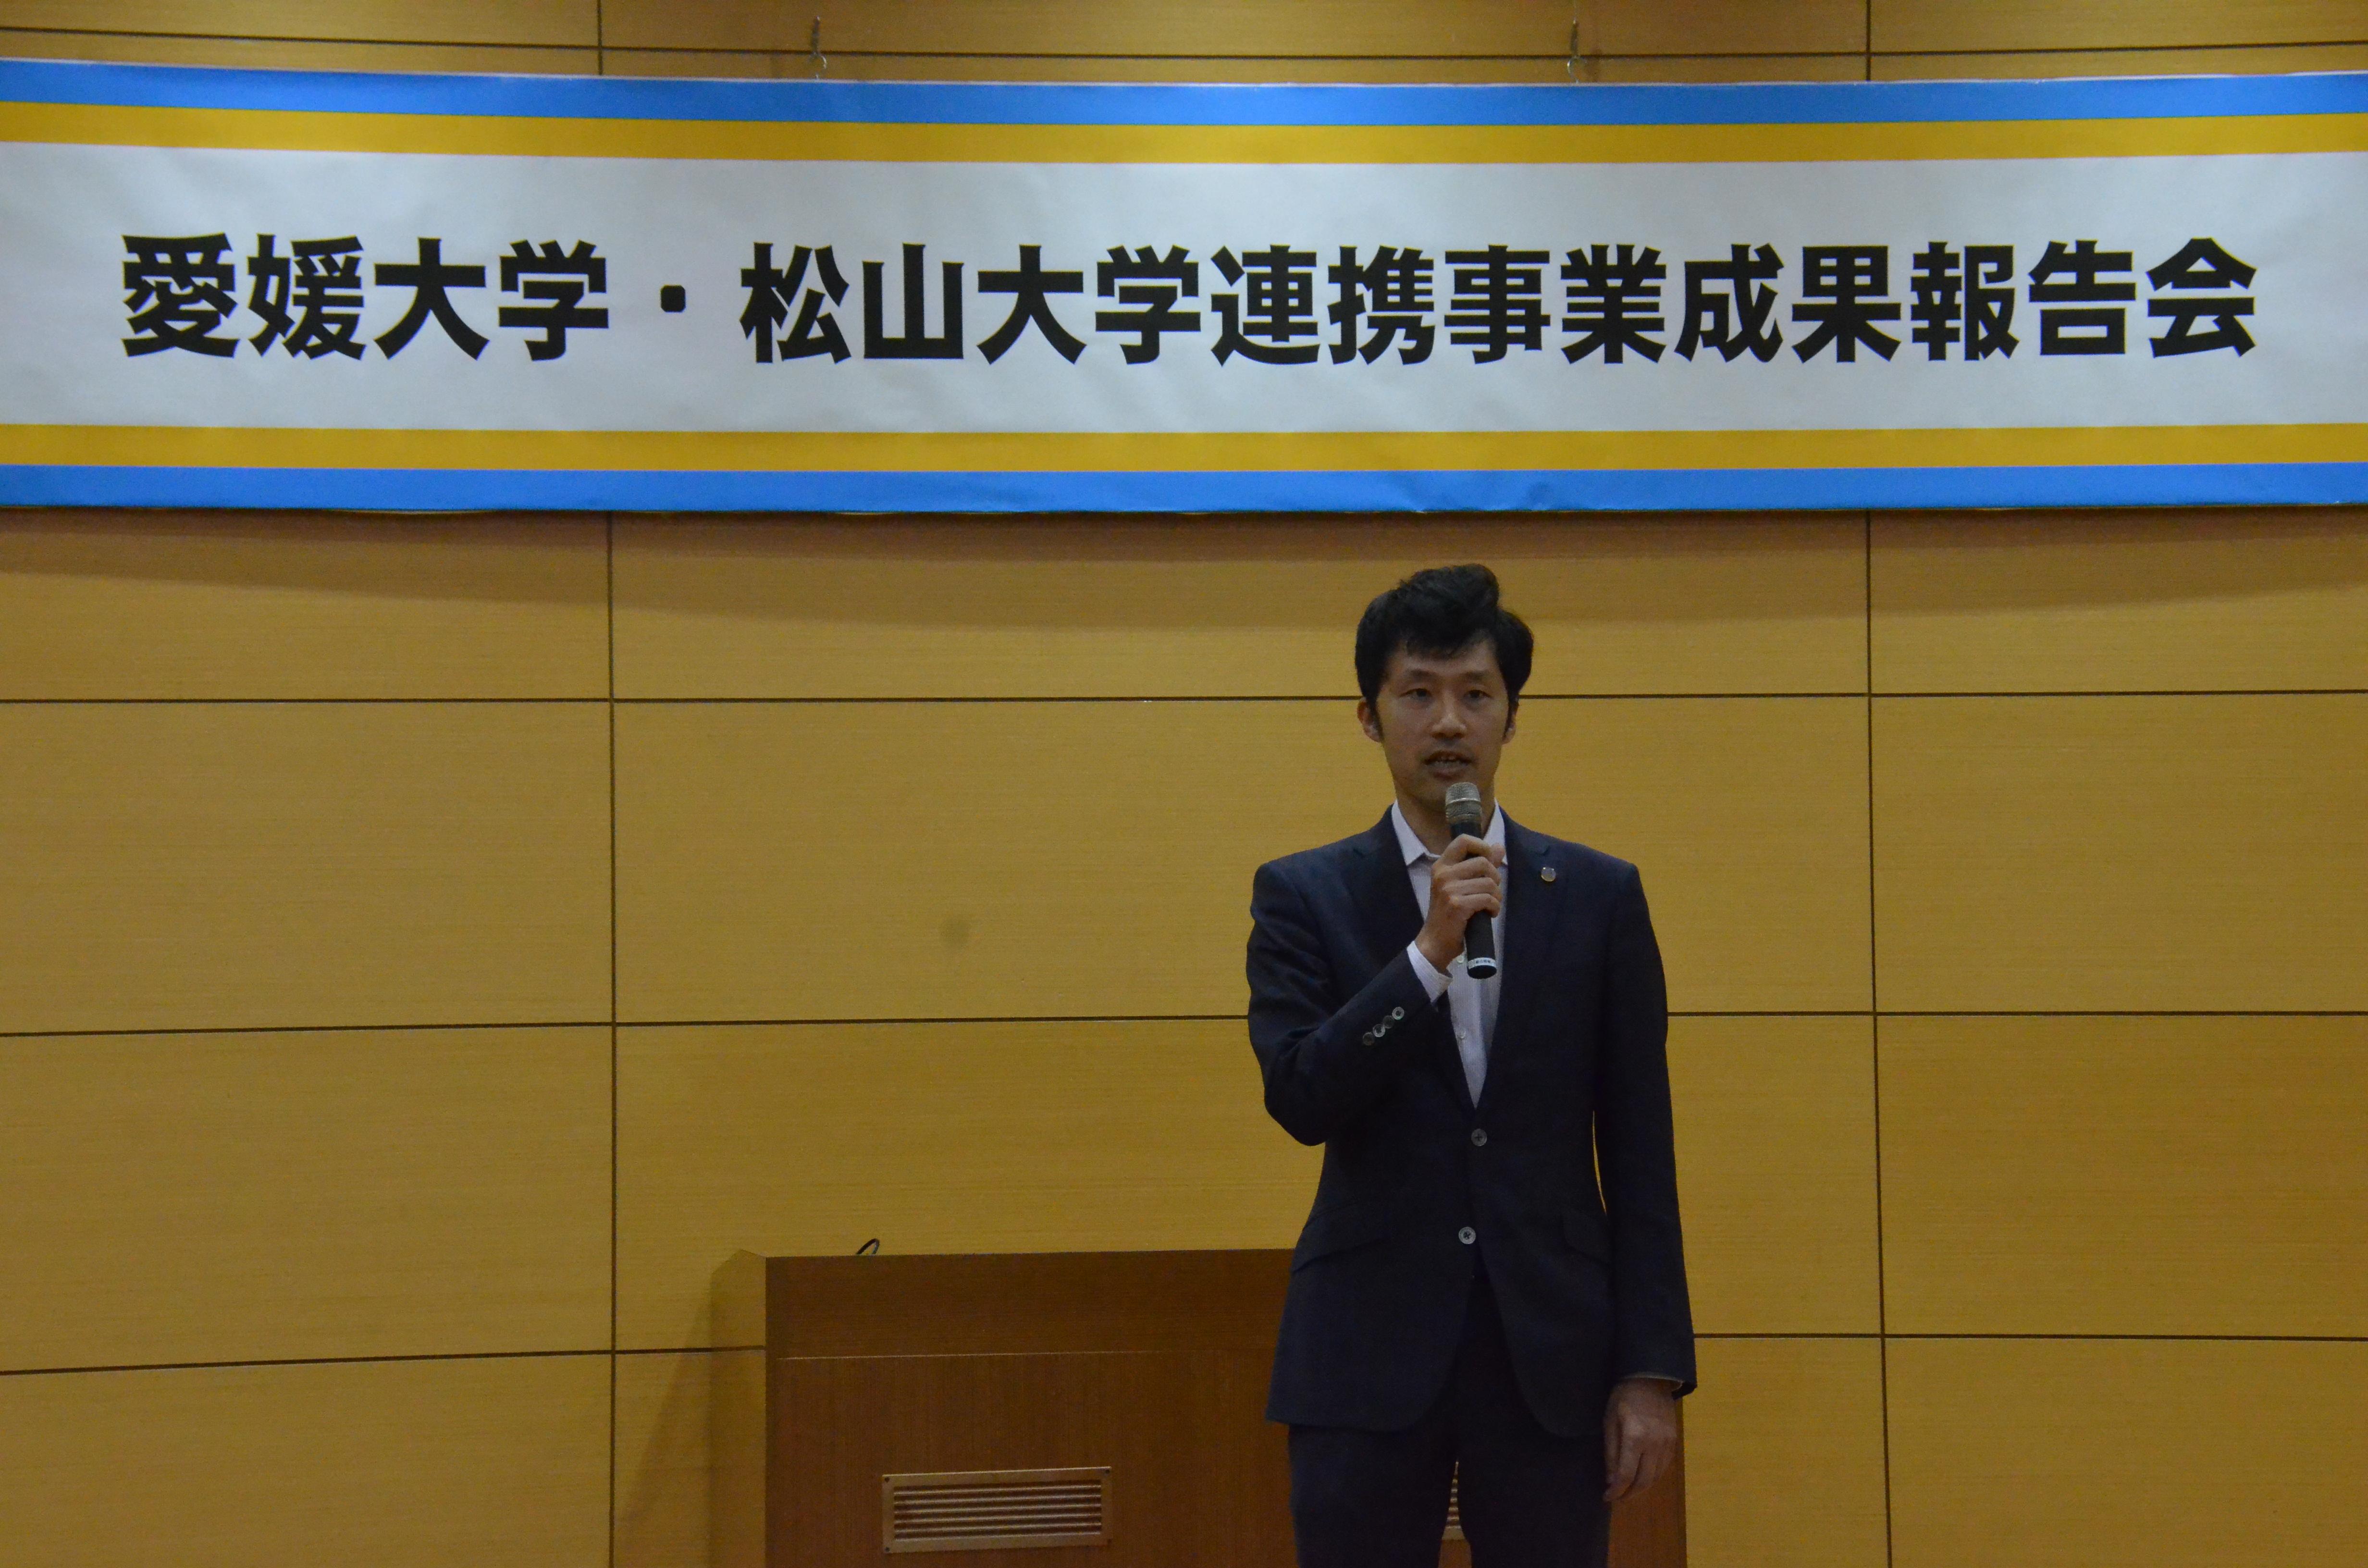 挨拶をする松山大学溝上学長の写真です